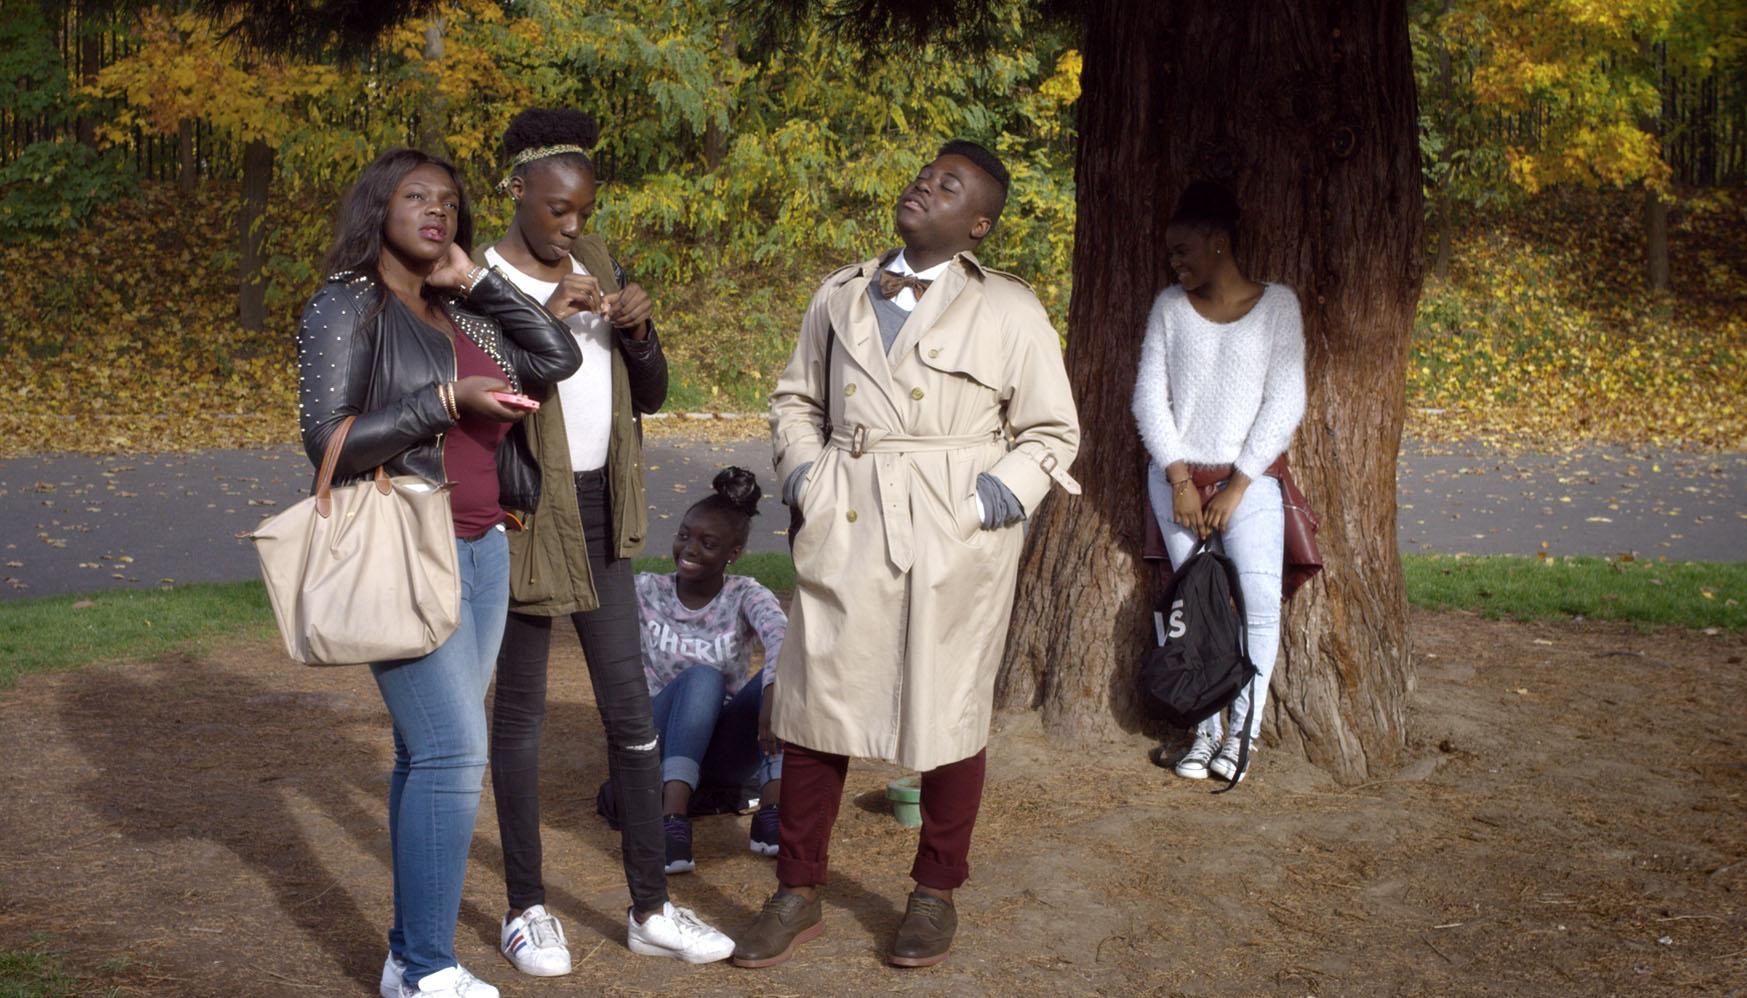 Les élèves du collège Claude Debussy dépeints avec swag dans le documentaire Swagger d'Olivier Babinet, ici dans la cour © Ronan Merot.